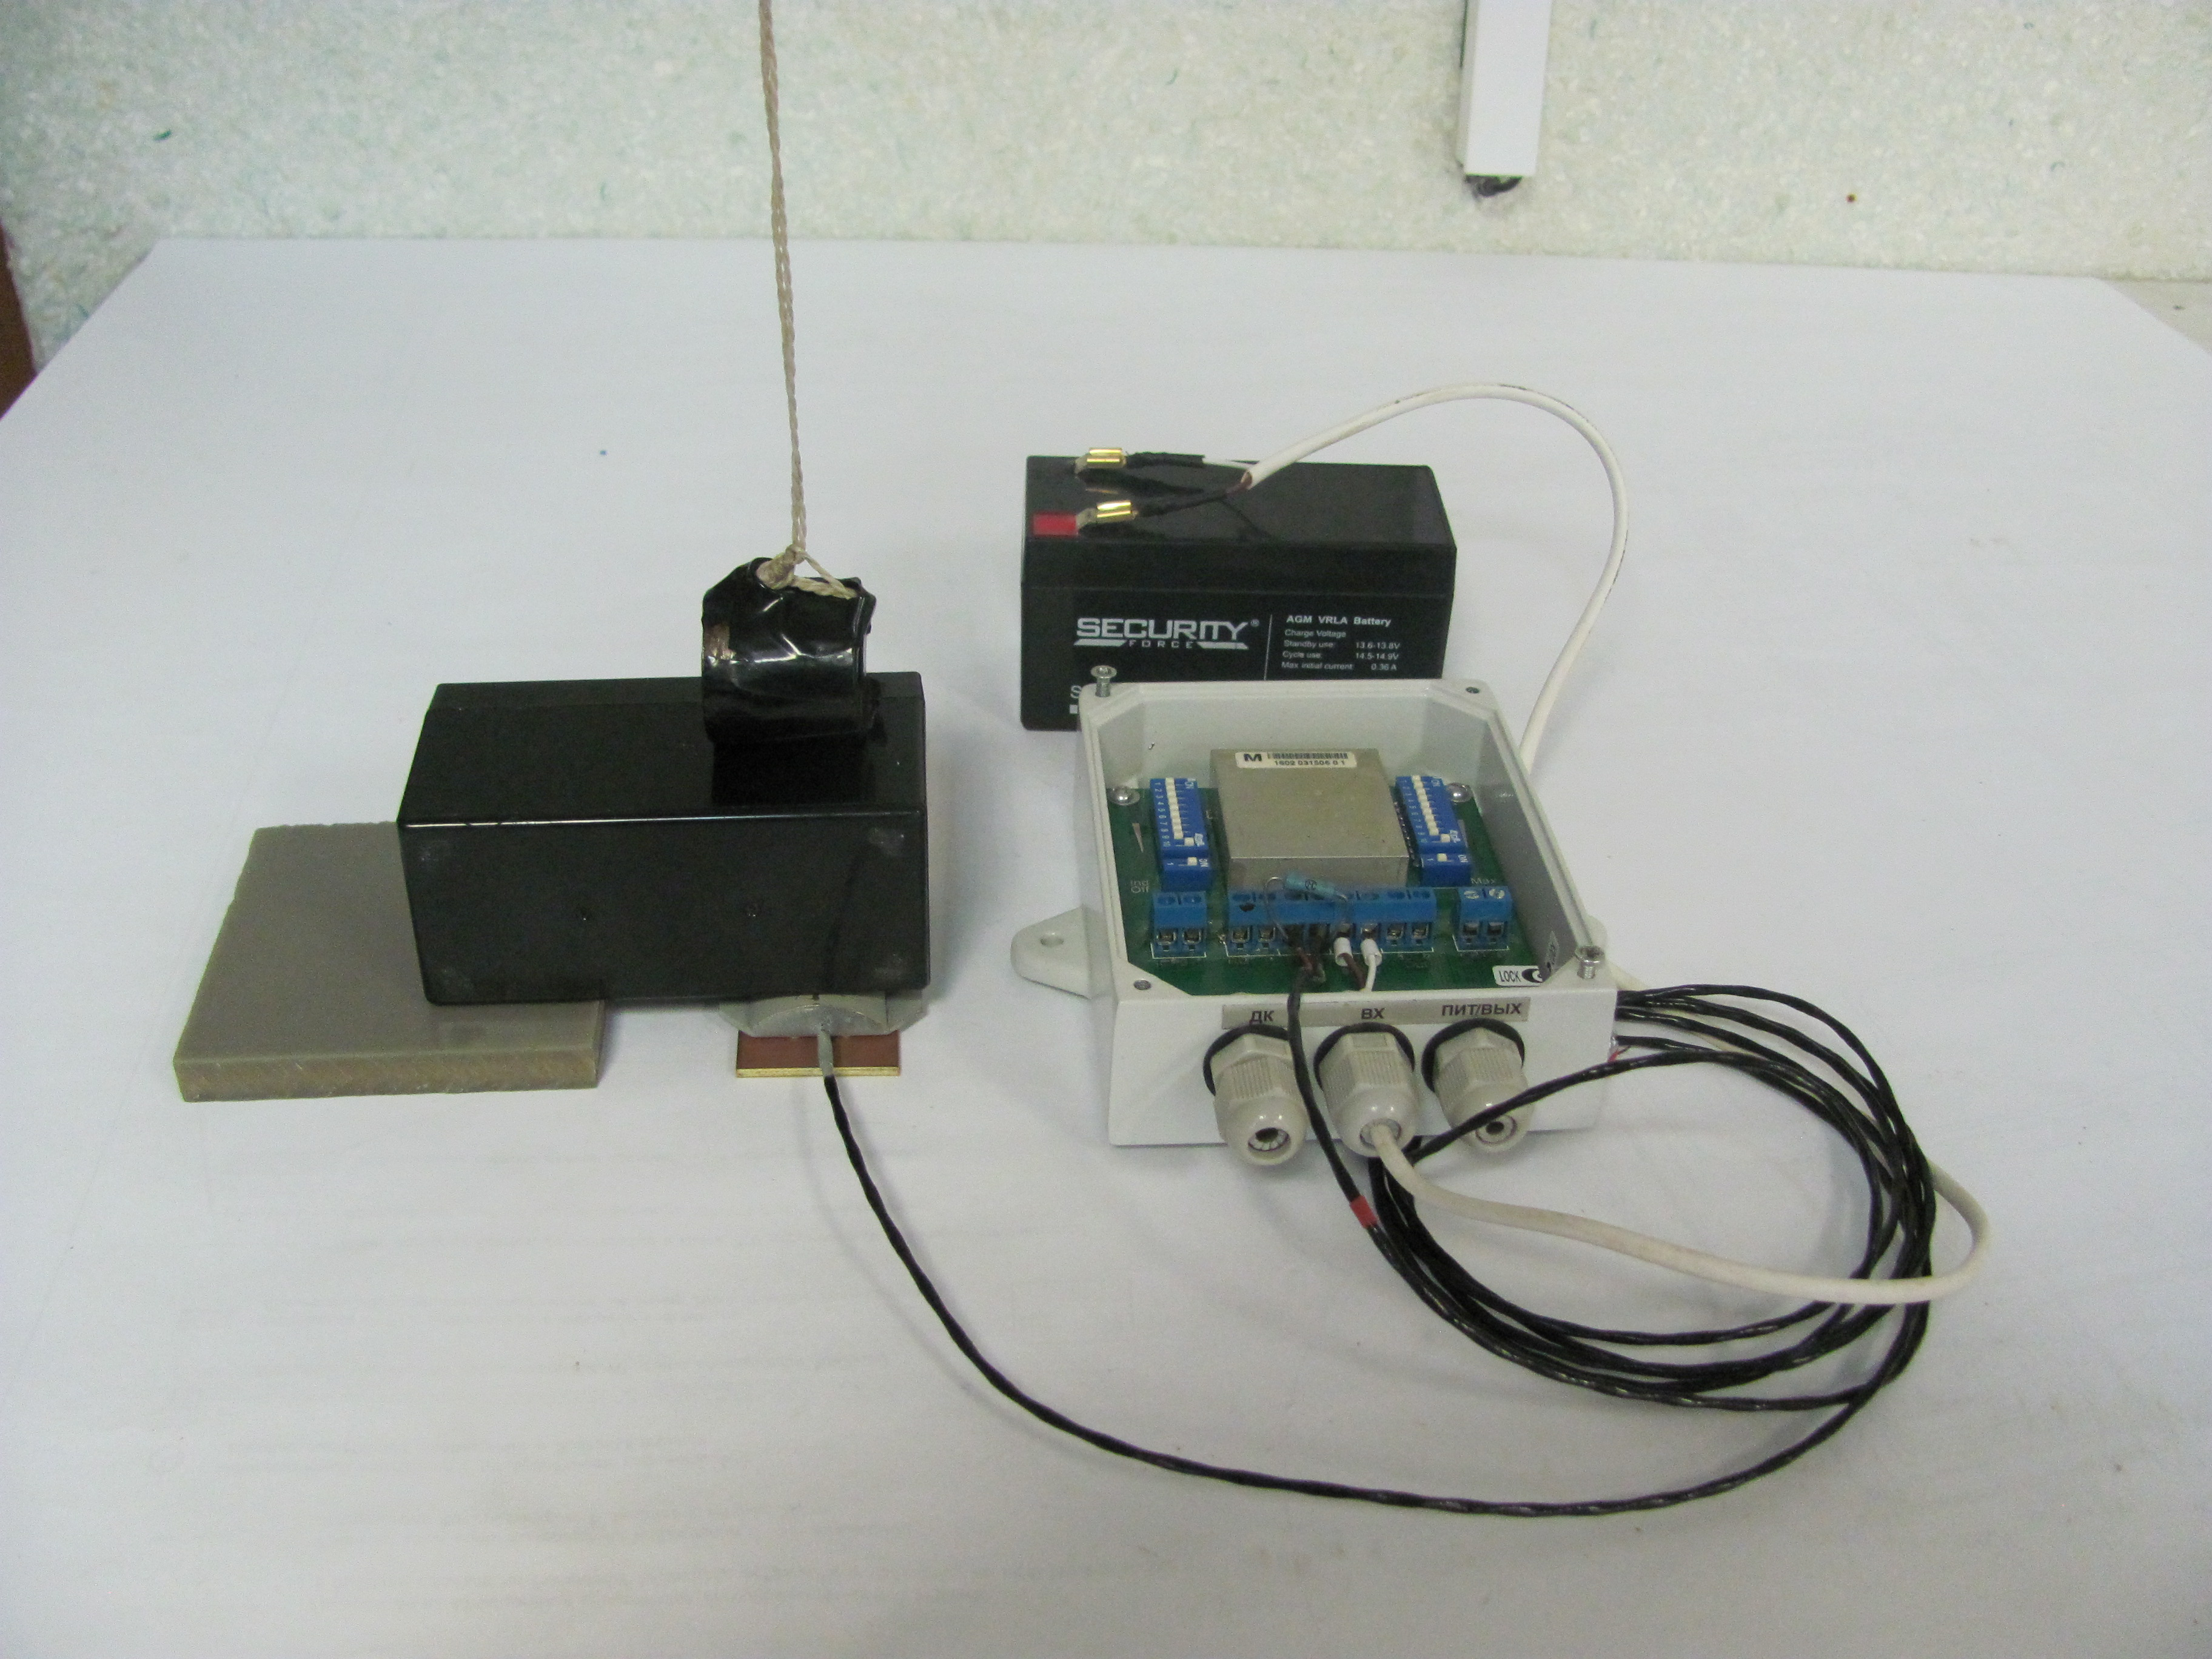 НПП «СКИЗЭЛ» предлагает «Сенсор-пломбу» — уникальную возможность применения охранного извещателя на стыке задач охраны и технологического контроля